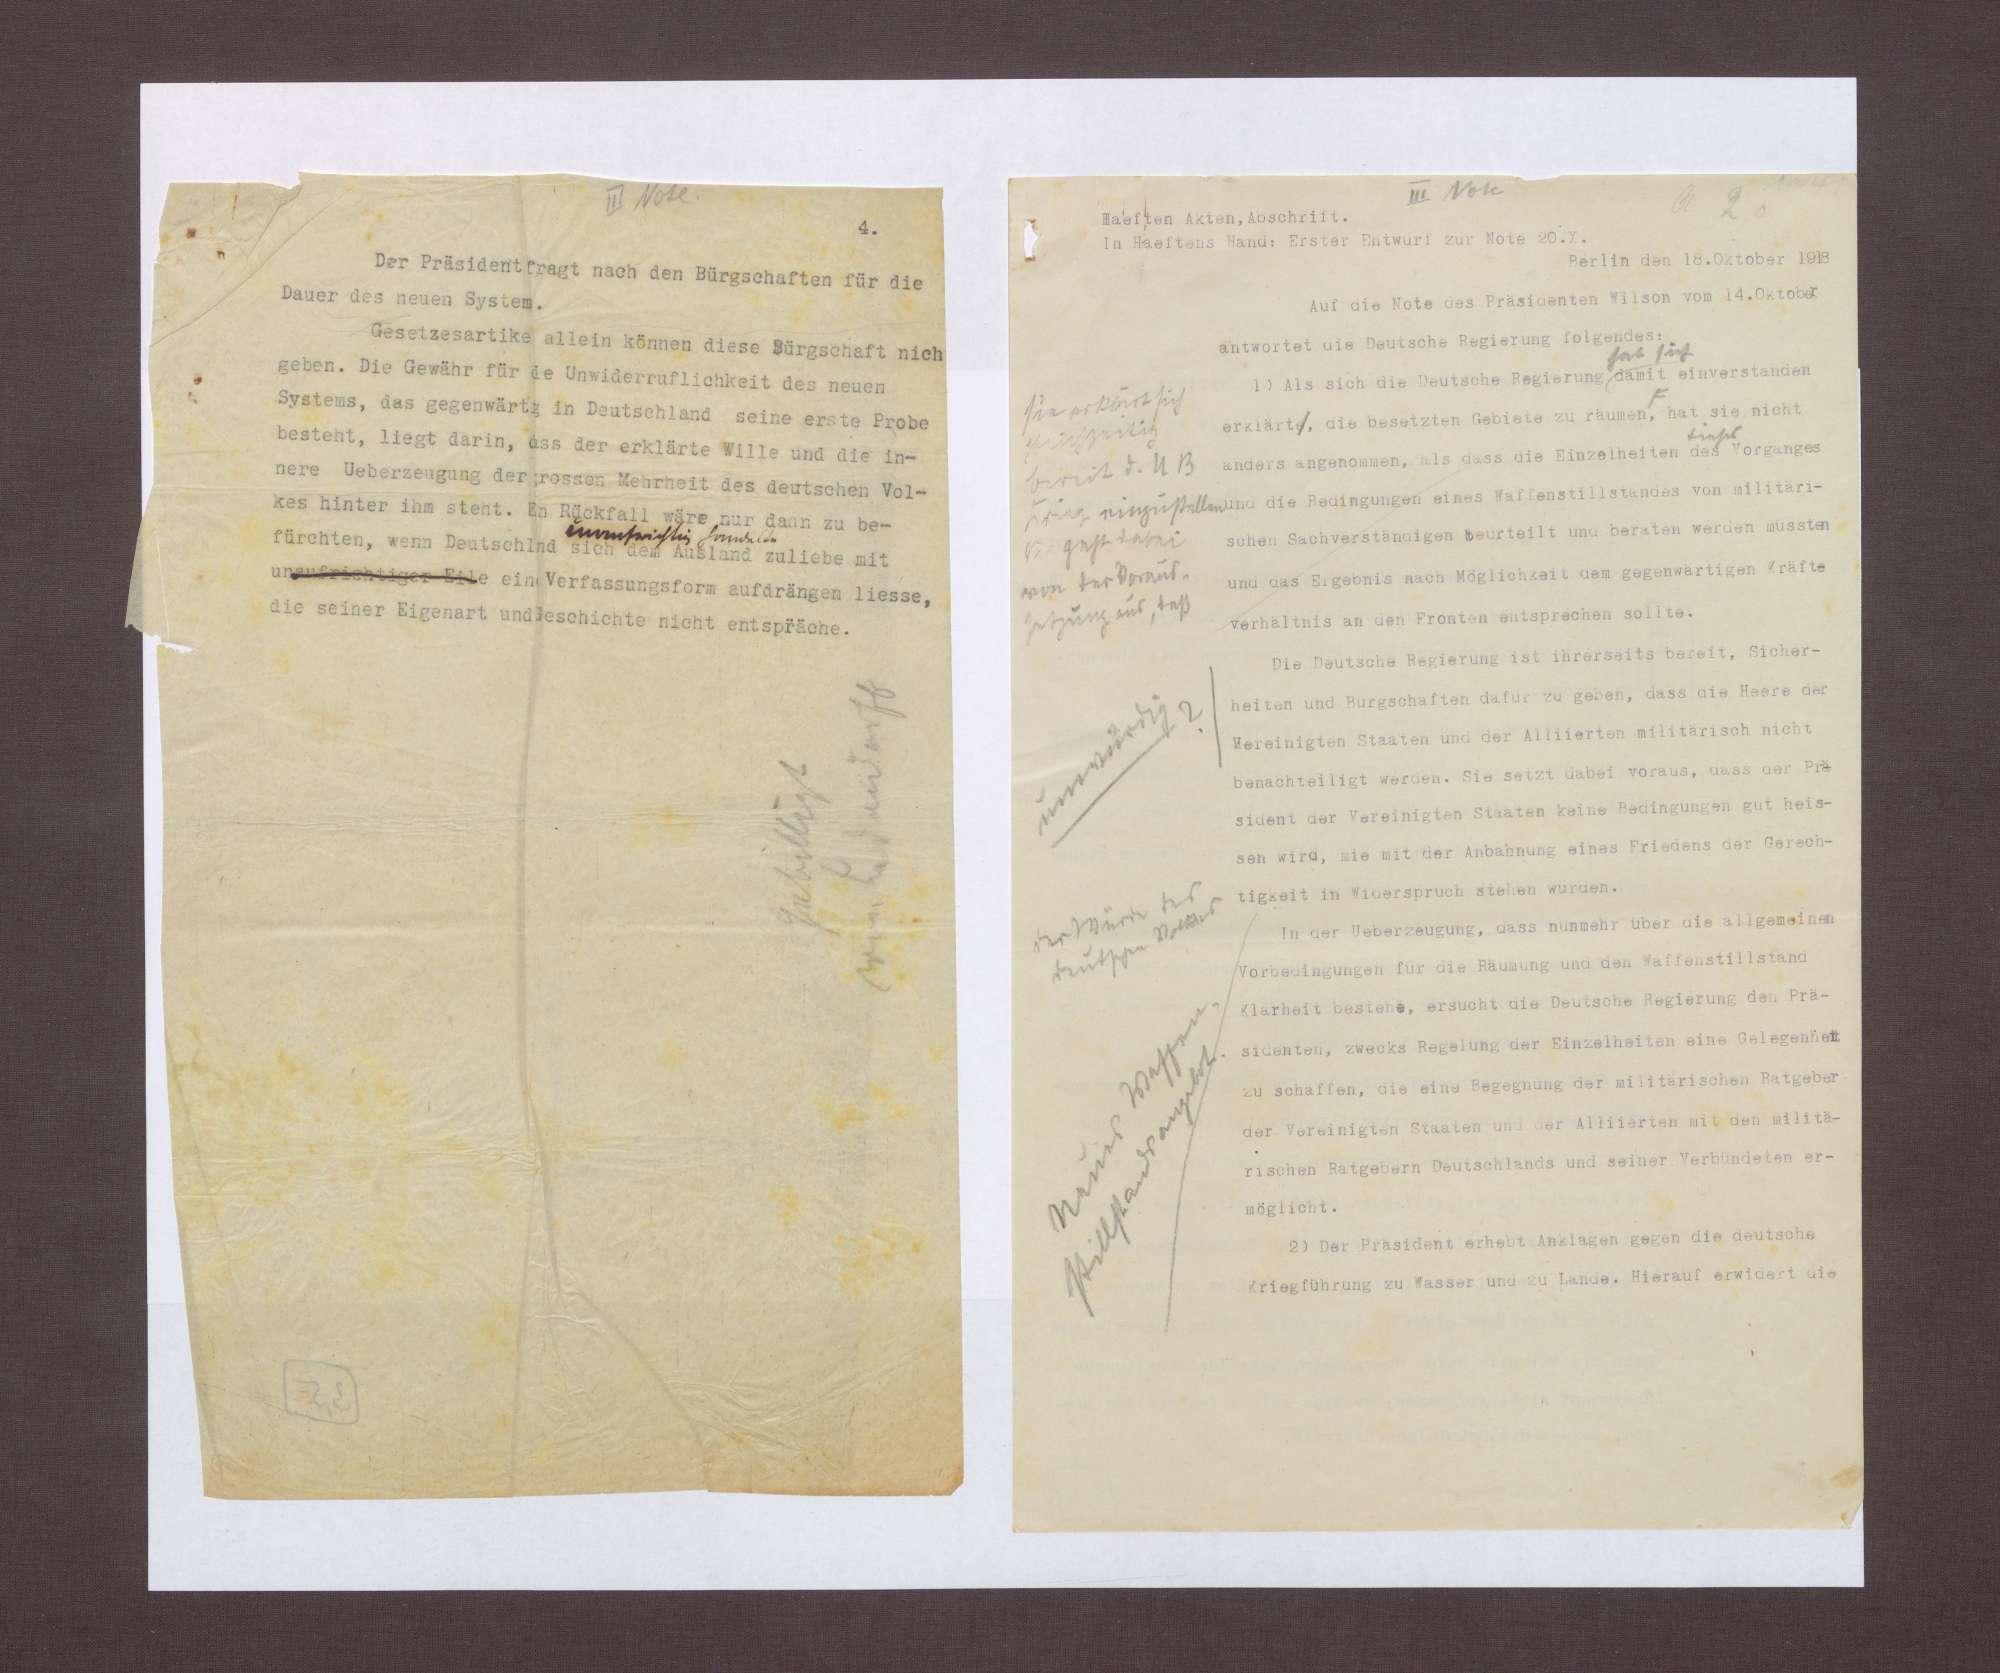 3. Note, 18.10.1918, Bild 3